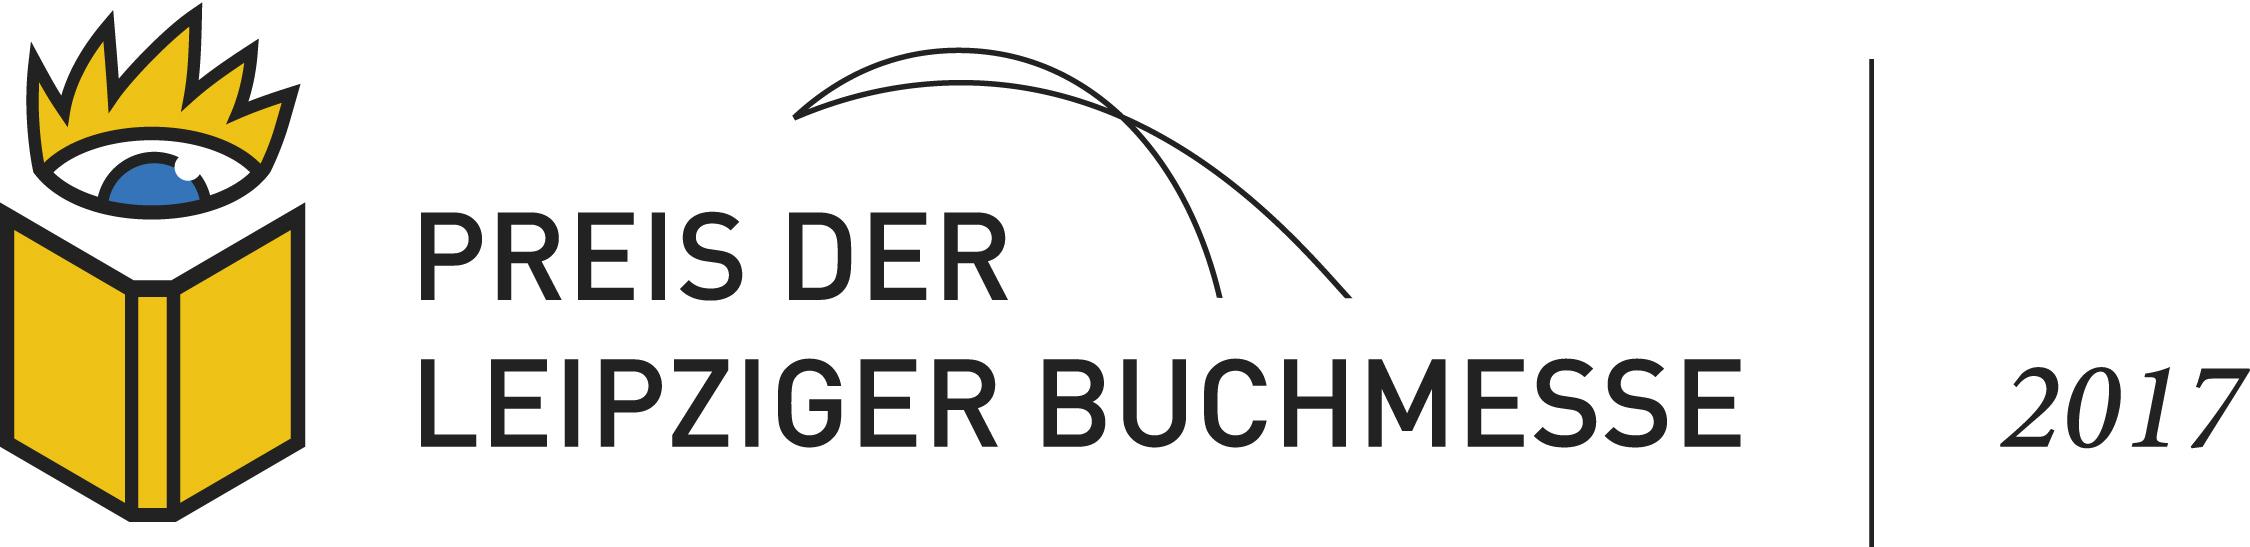 Verleihung des Preises der Leipziger Buchmesse